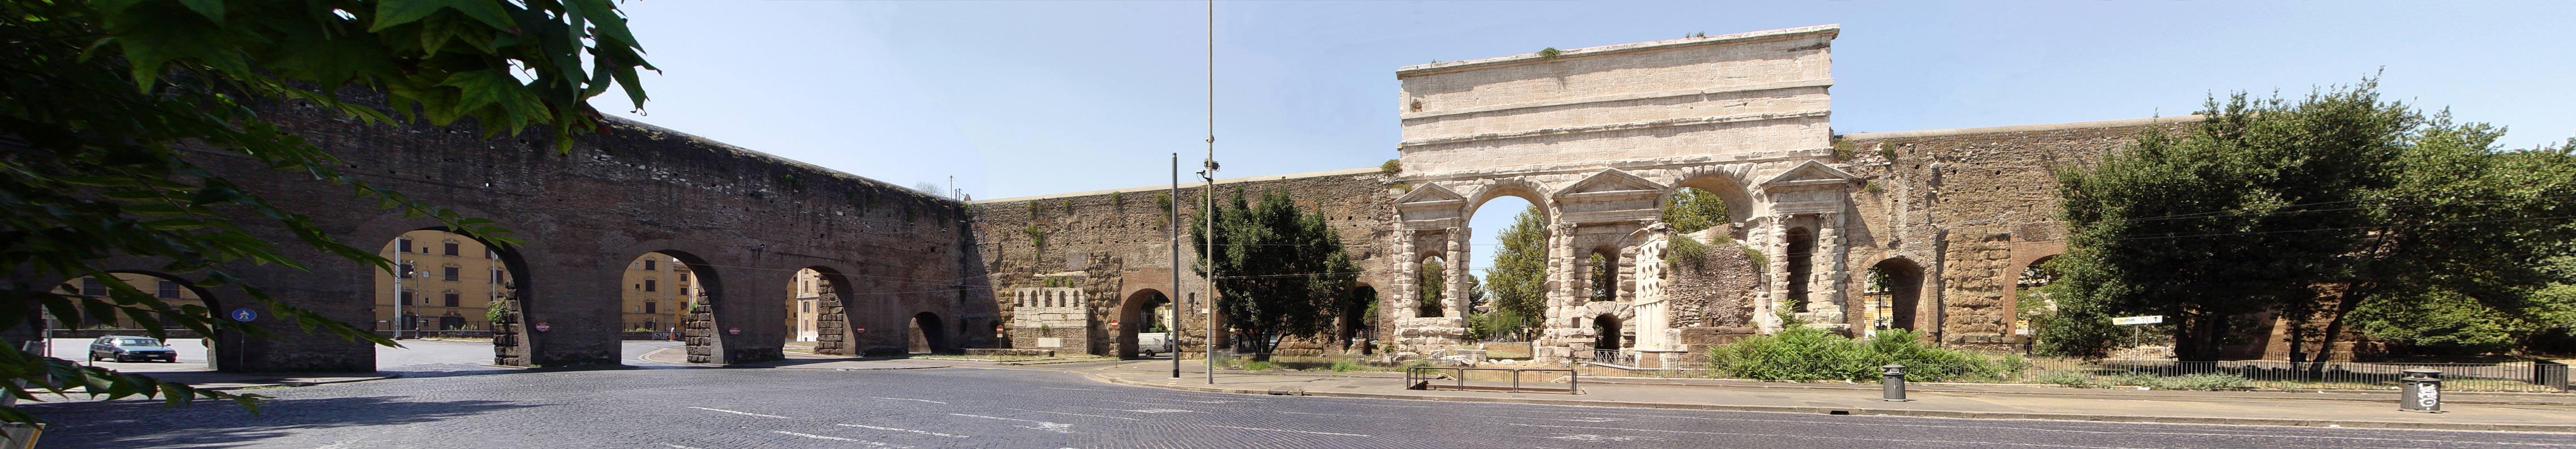 Acquedotti romani fuori porta maggiore al tuscolano for Porta maggiore